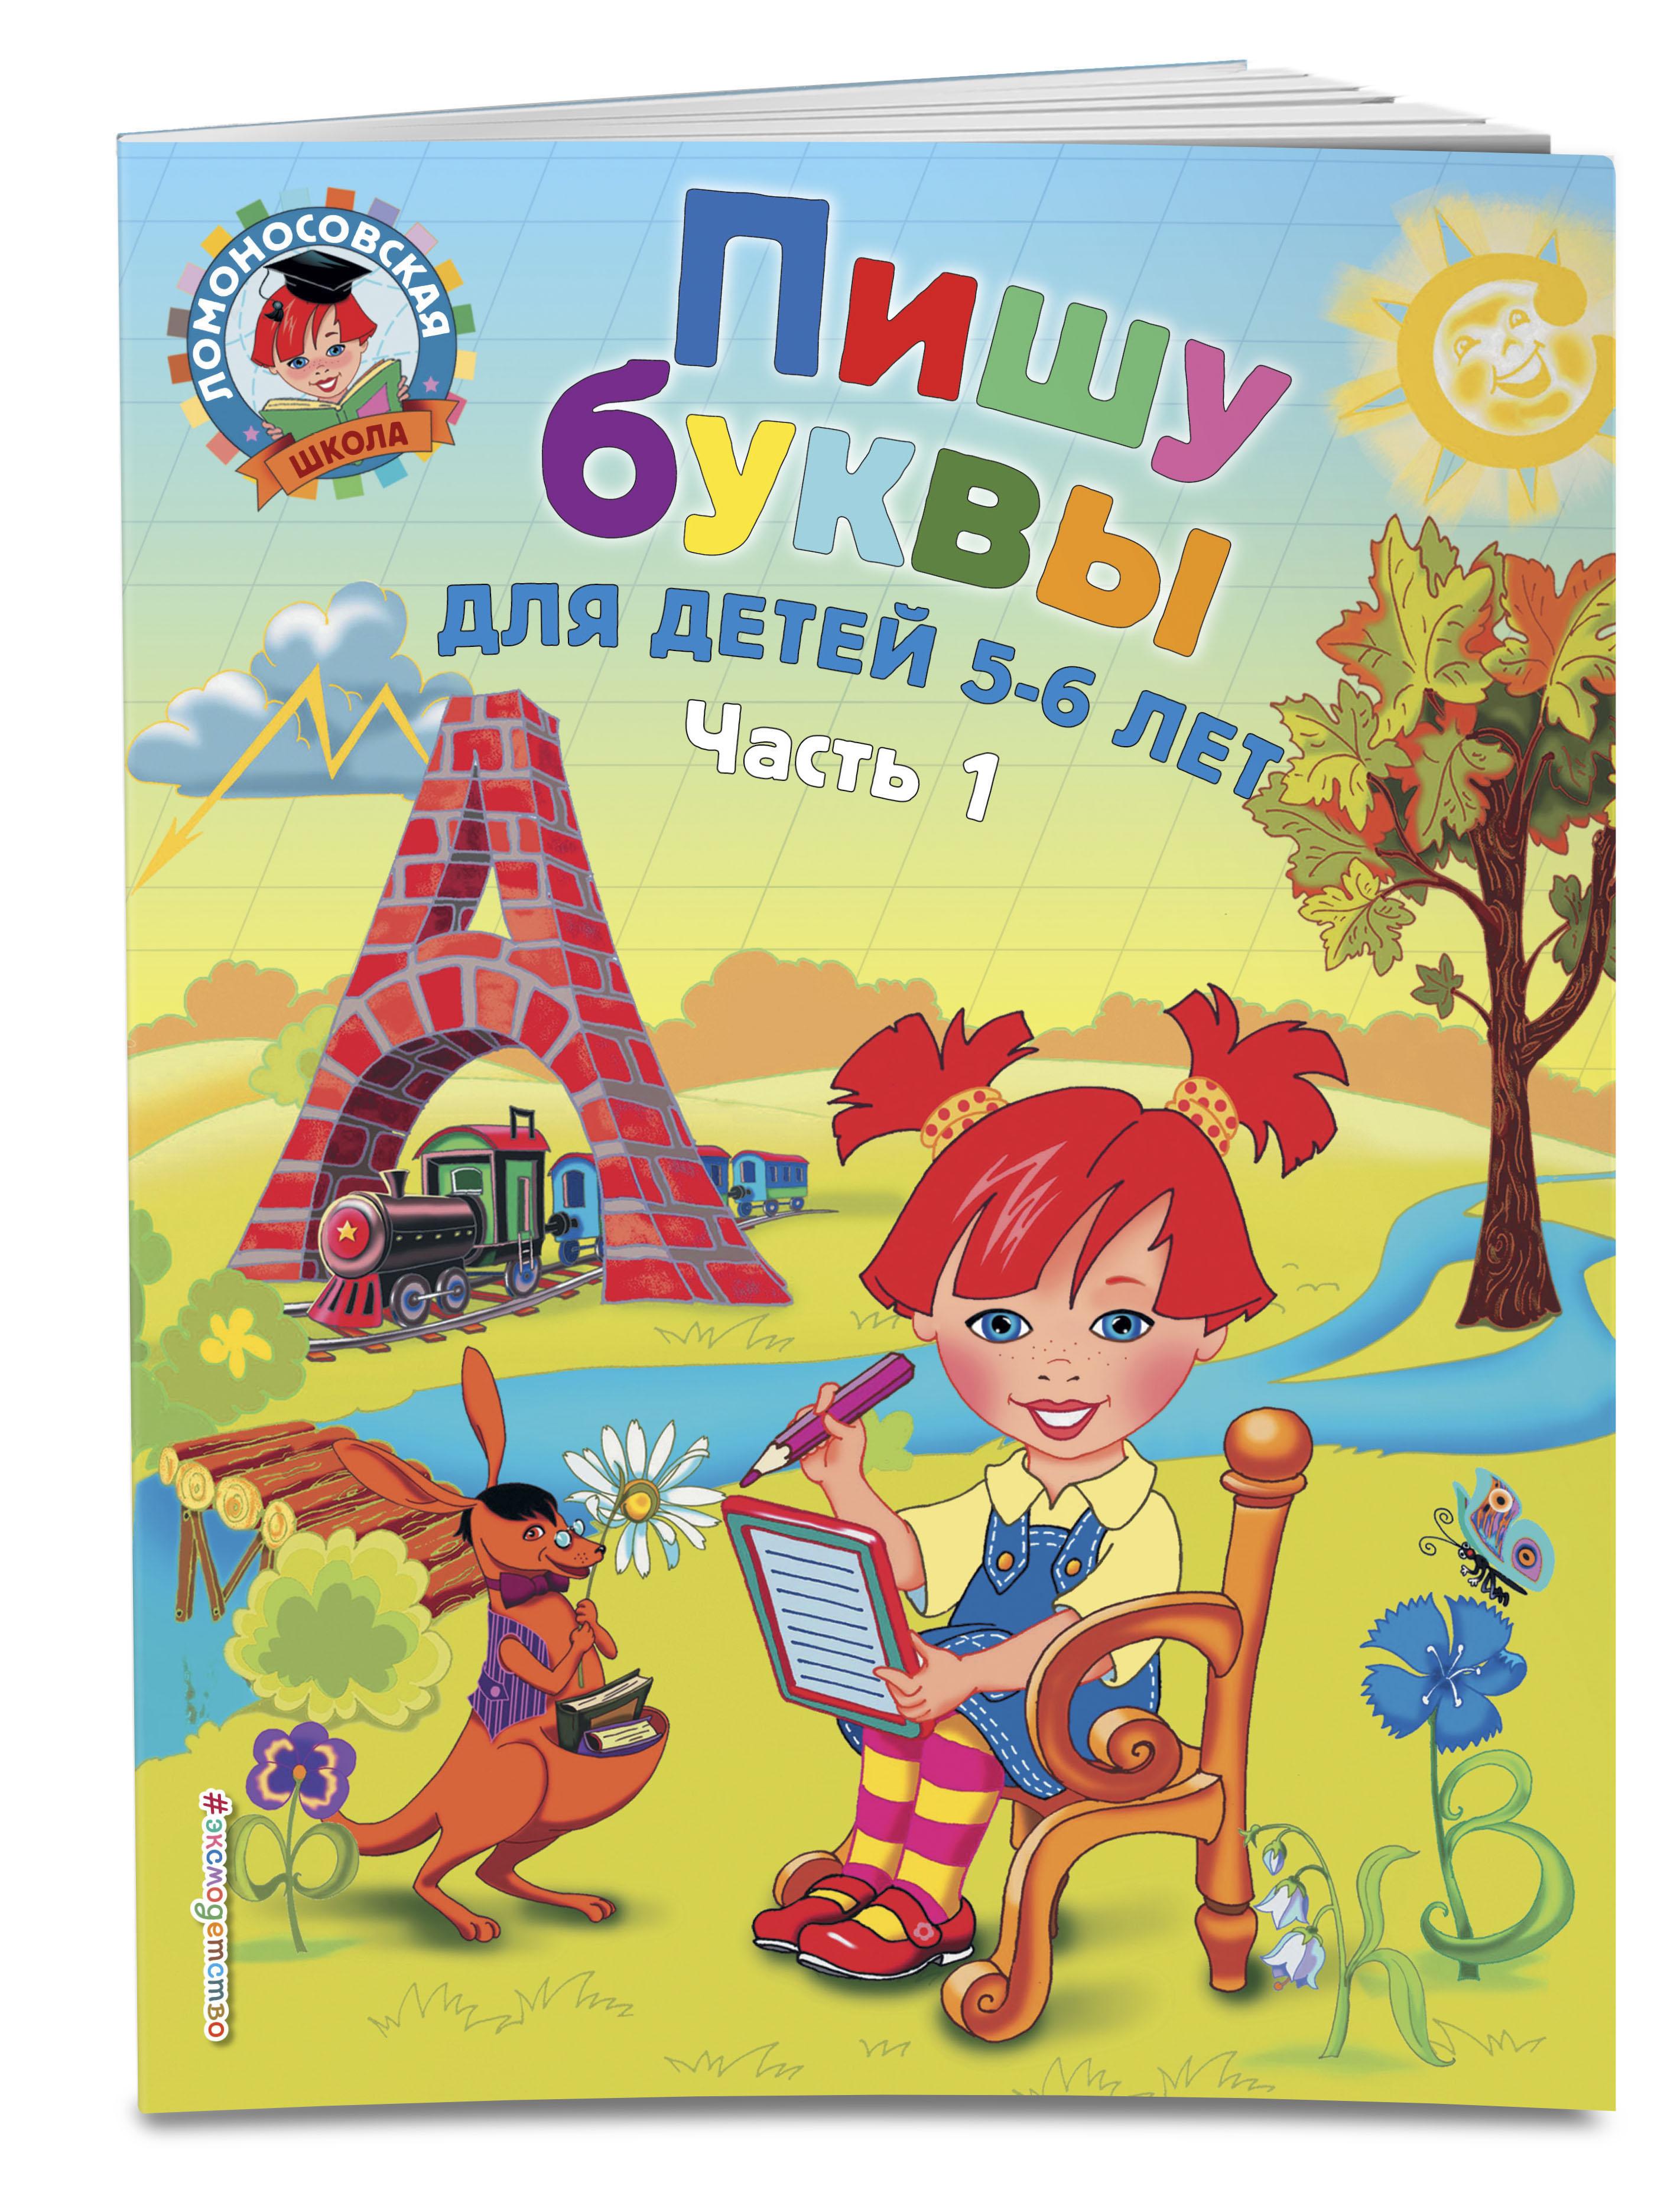 Пишу буквы: для детей 5-6 лет. Ч. 1. 2-е изд., испр. и перераб.